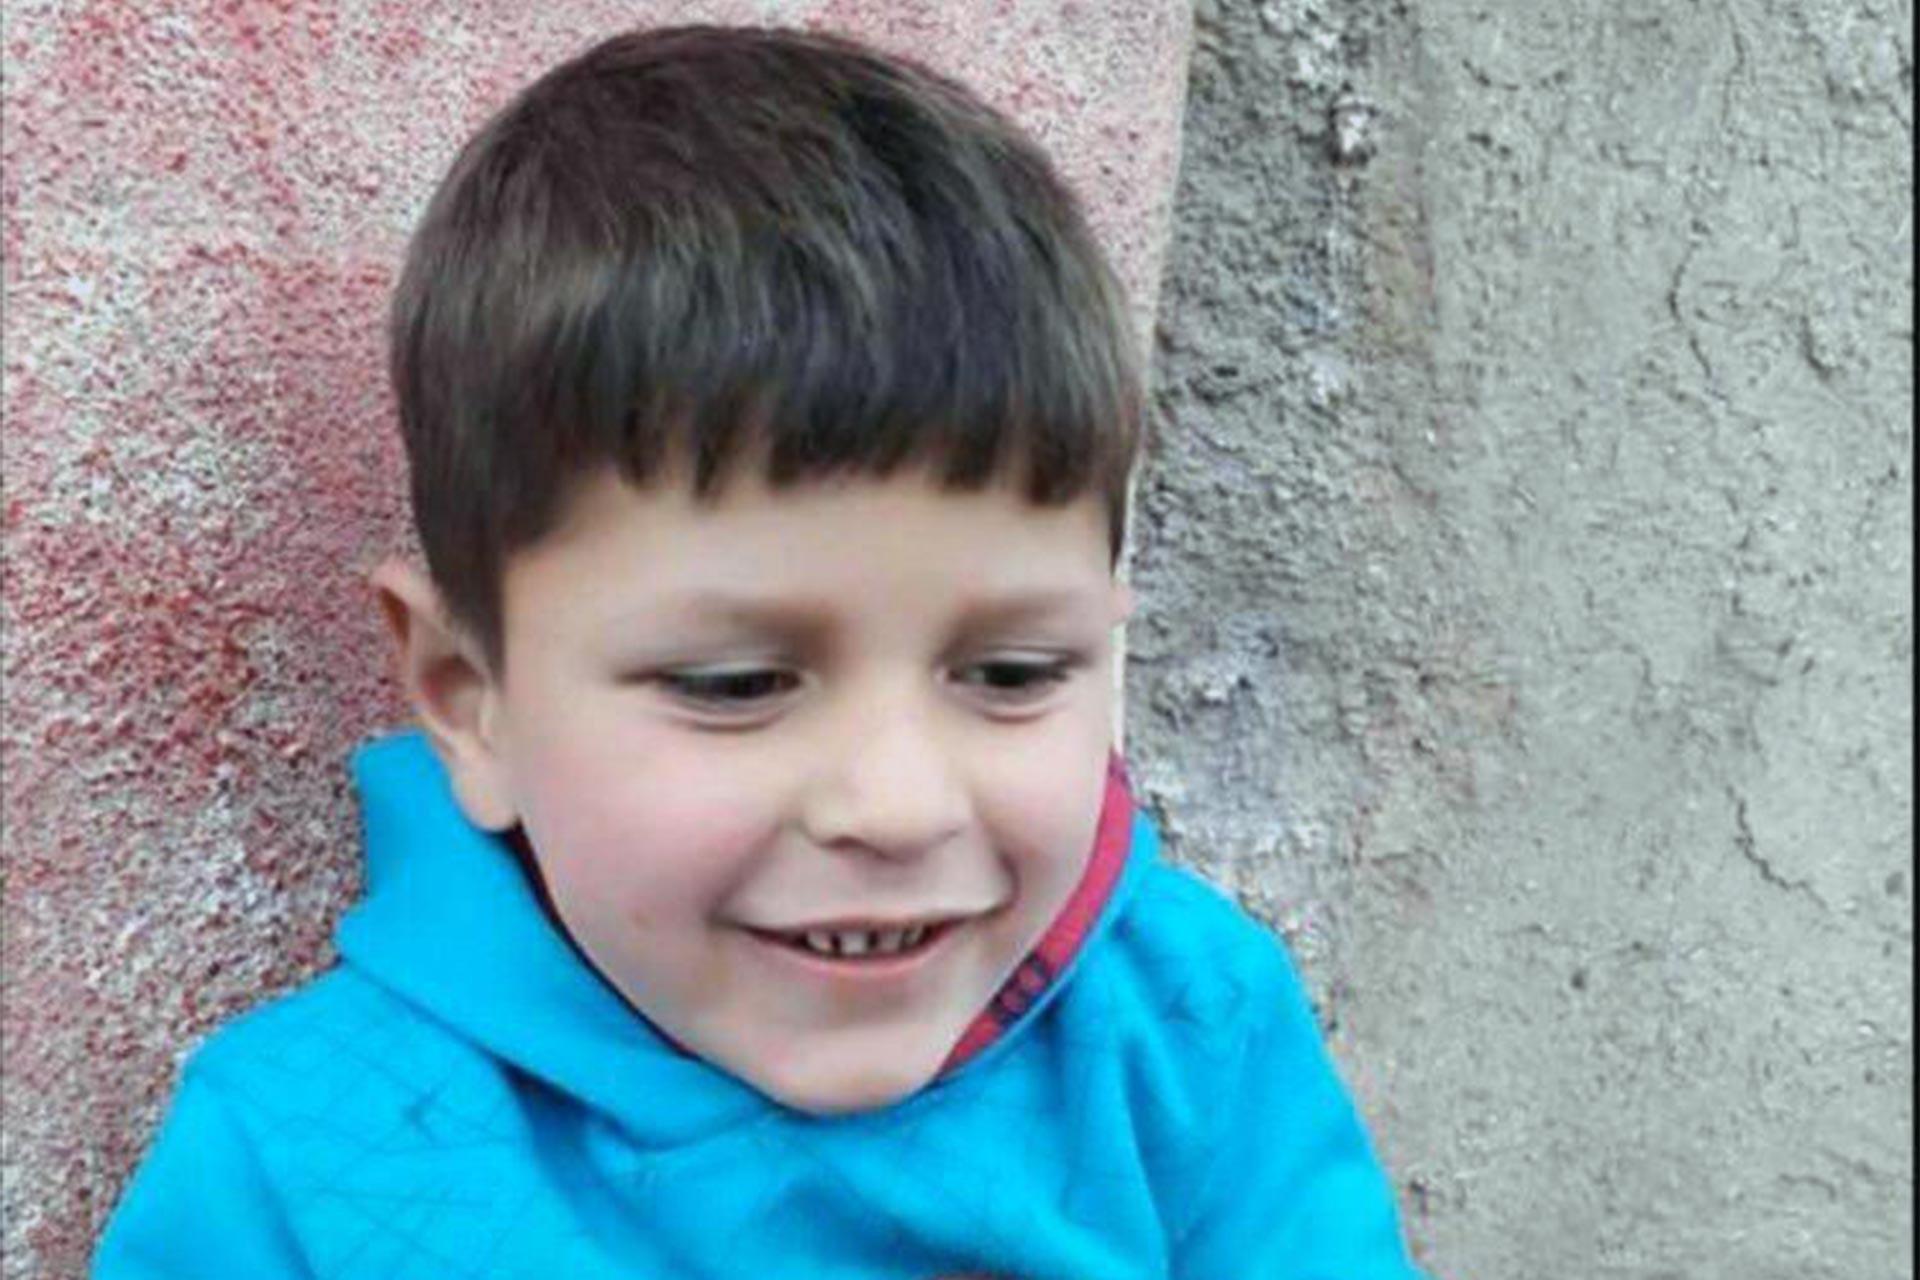 Çınar'da kaybolan 8 yaşındaki Muhammed Veli Dümez